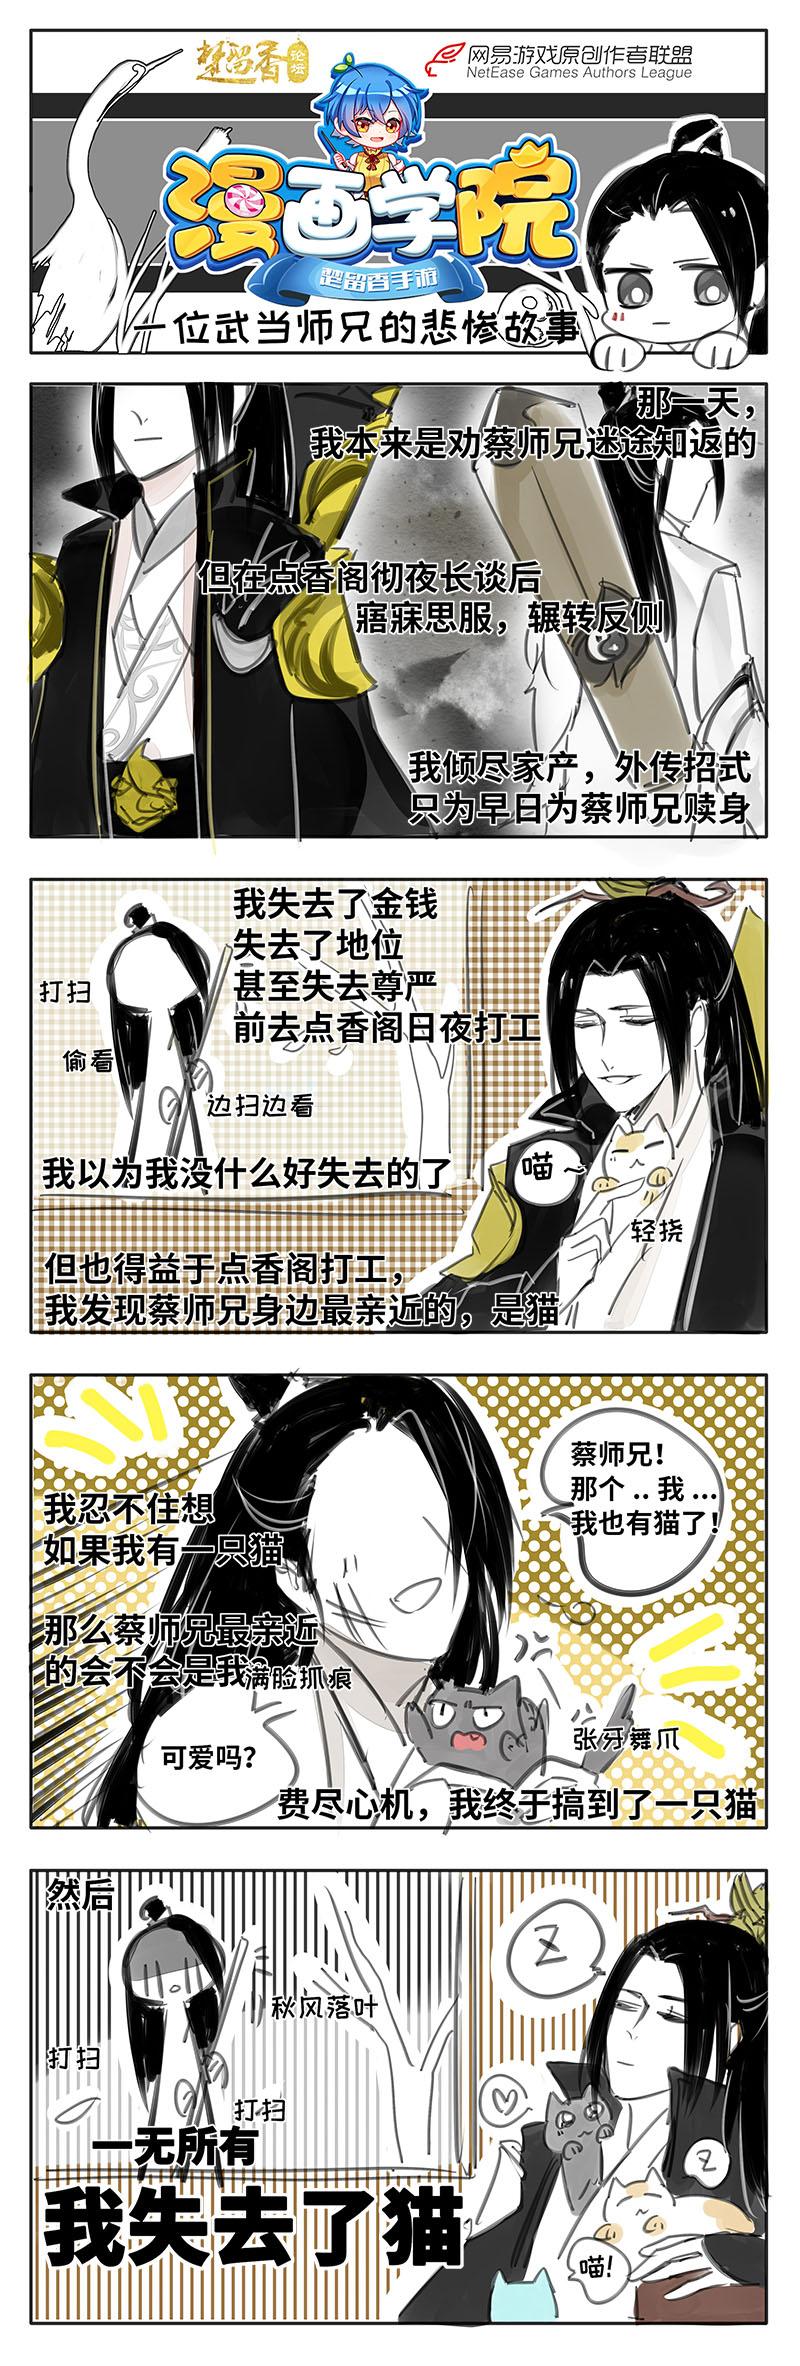 【原创作者联盟】【漫画学院】萤火四格-一位武当师兄的悲惨故事(下)